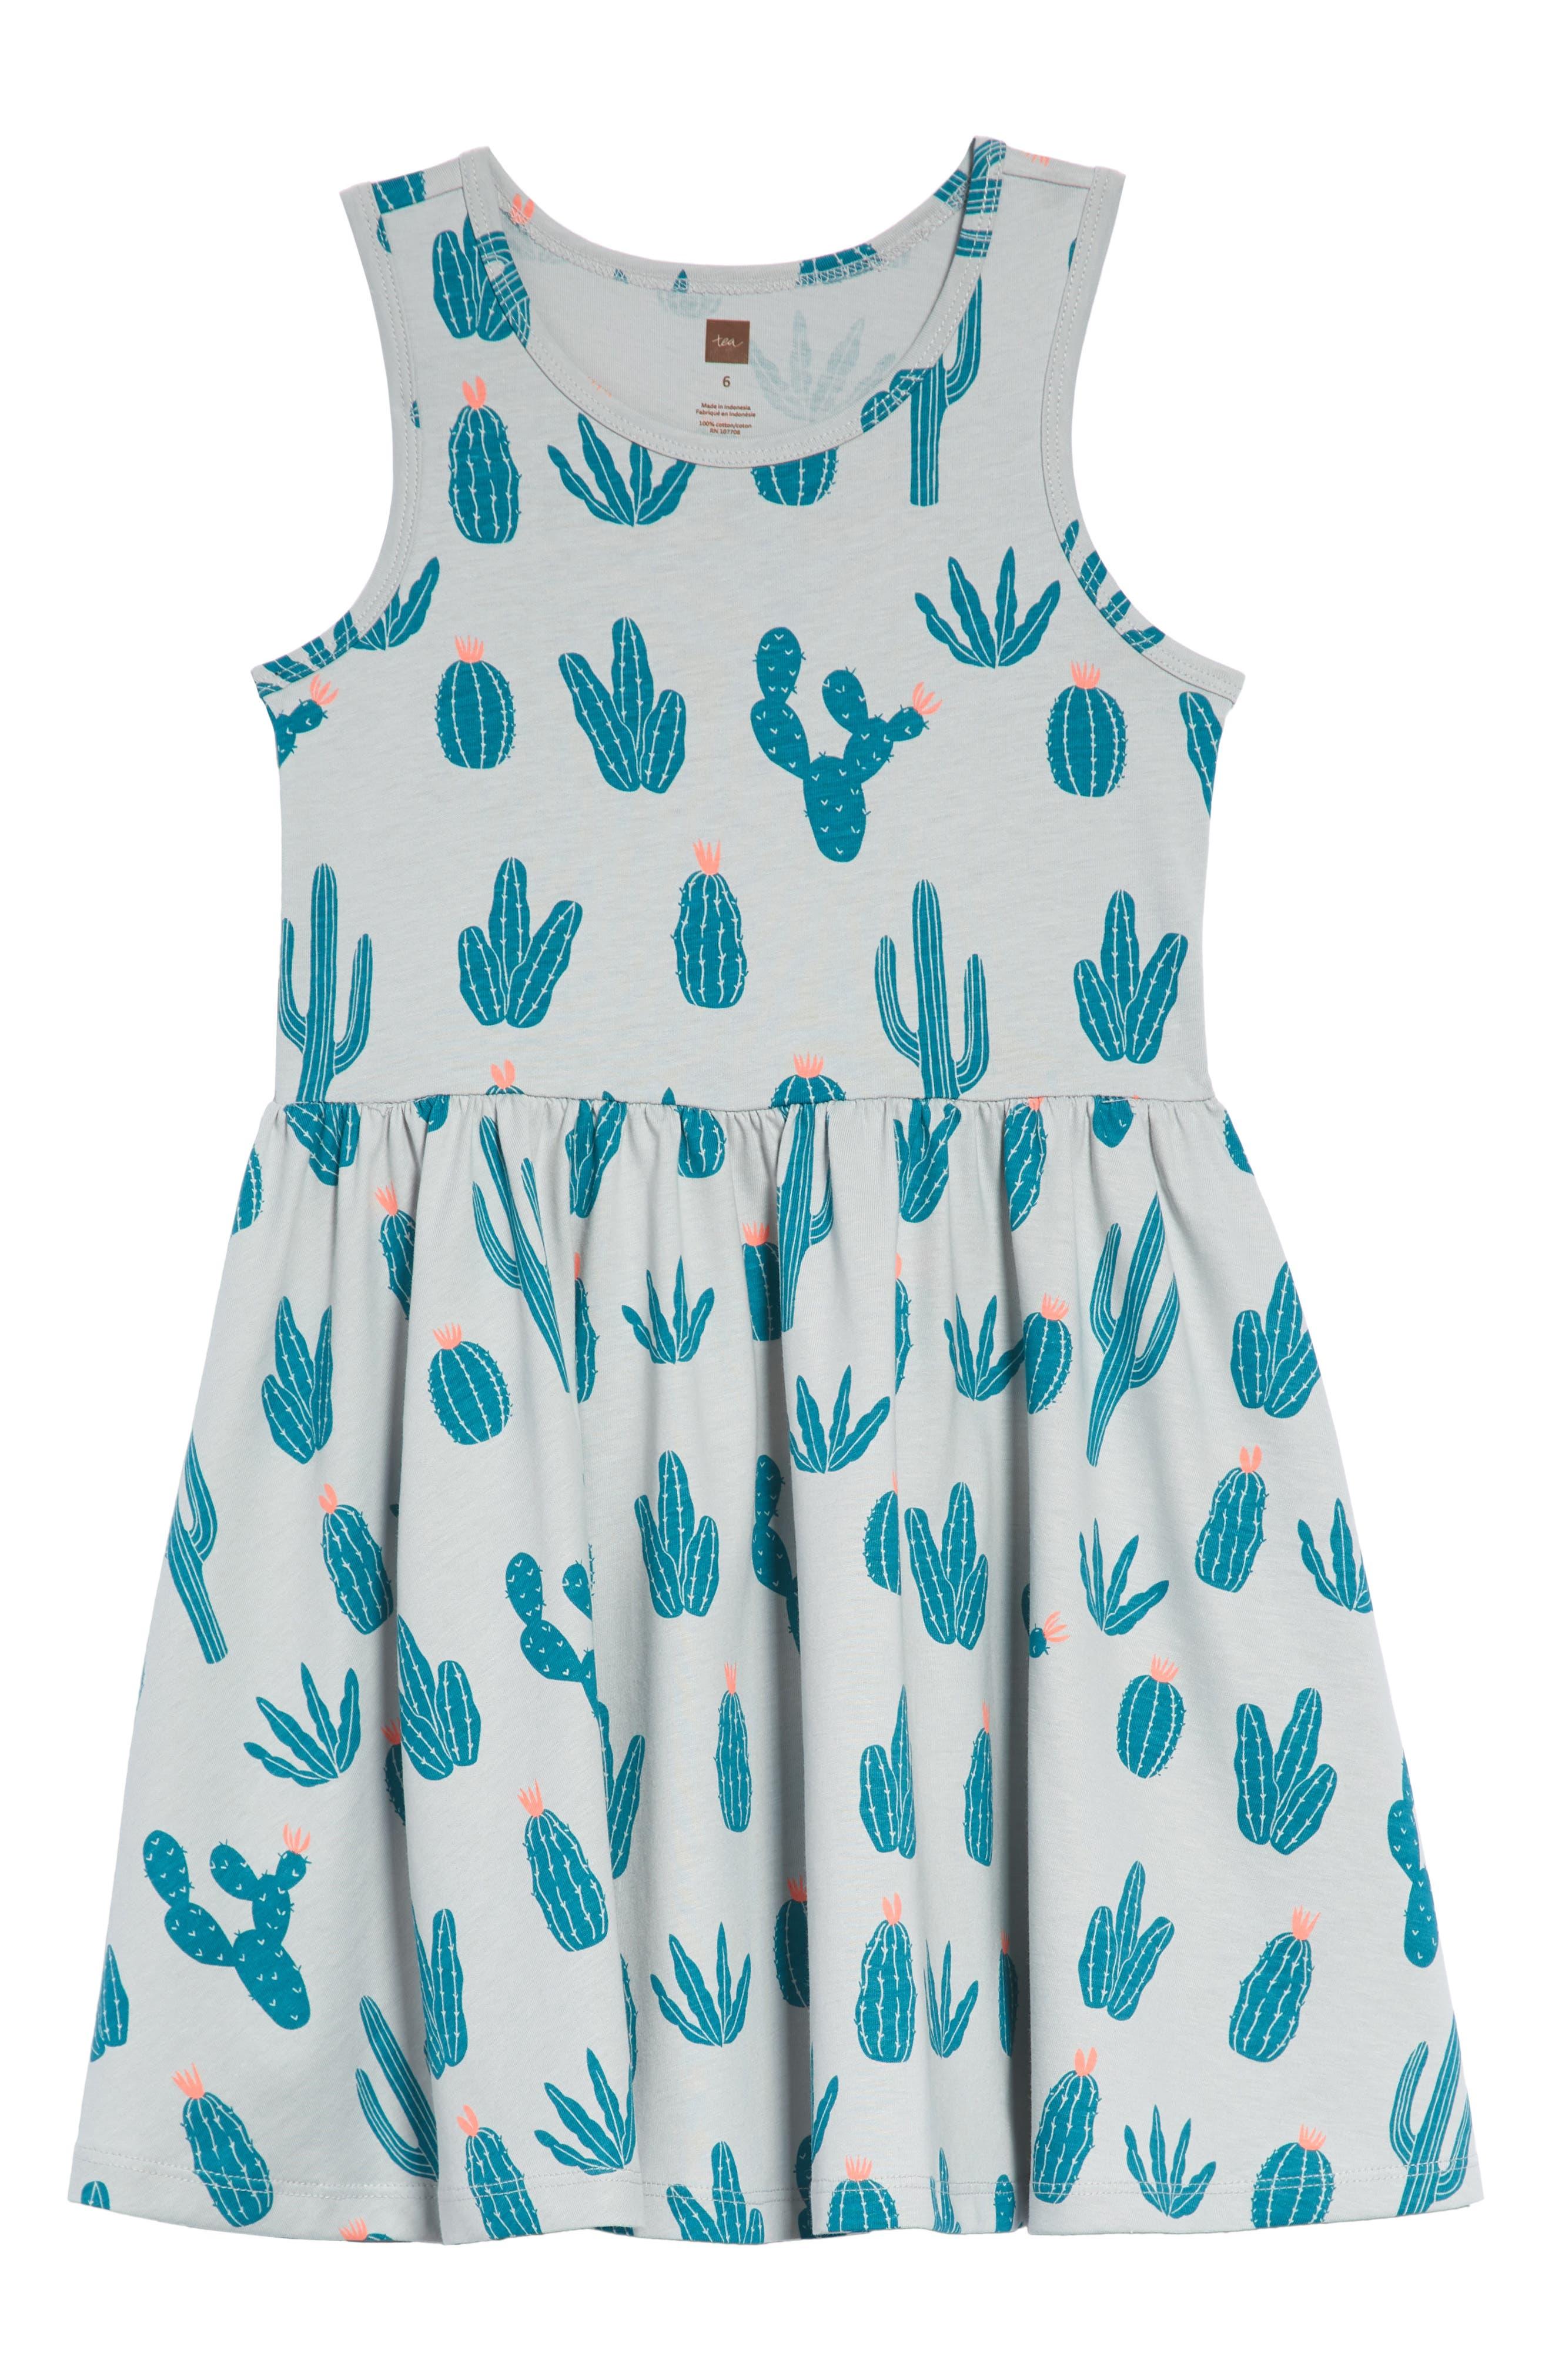 Tea Collection Print Skirted Tank Dress (Toddler Girls, Little Girls & Big Girls)